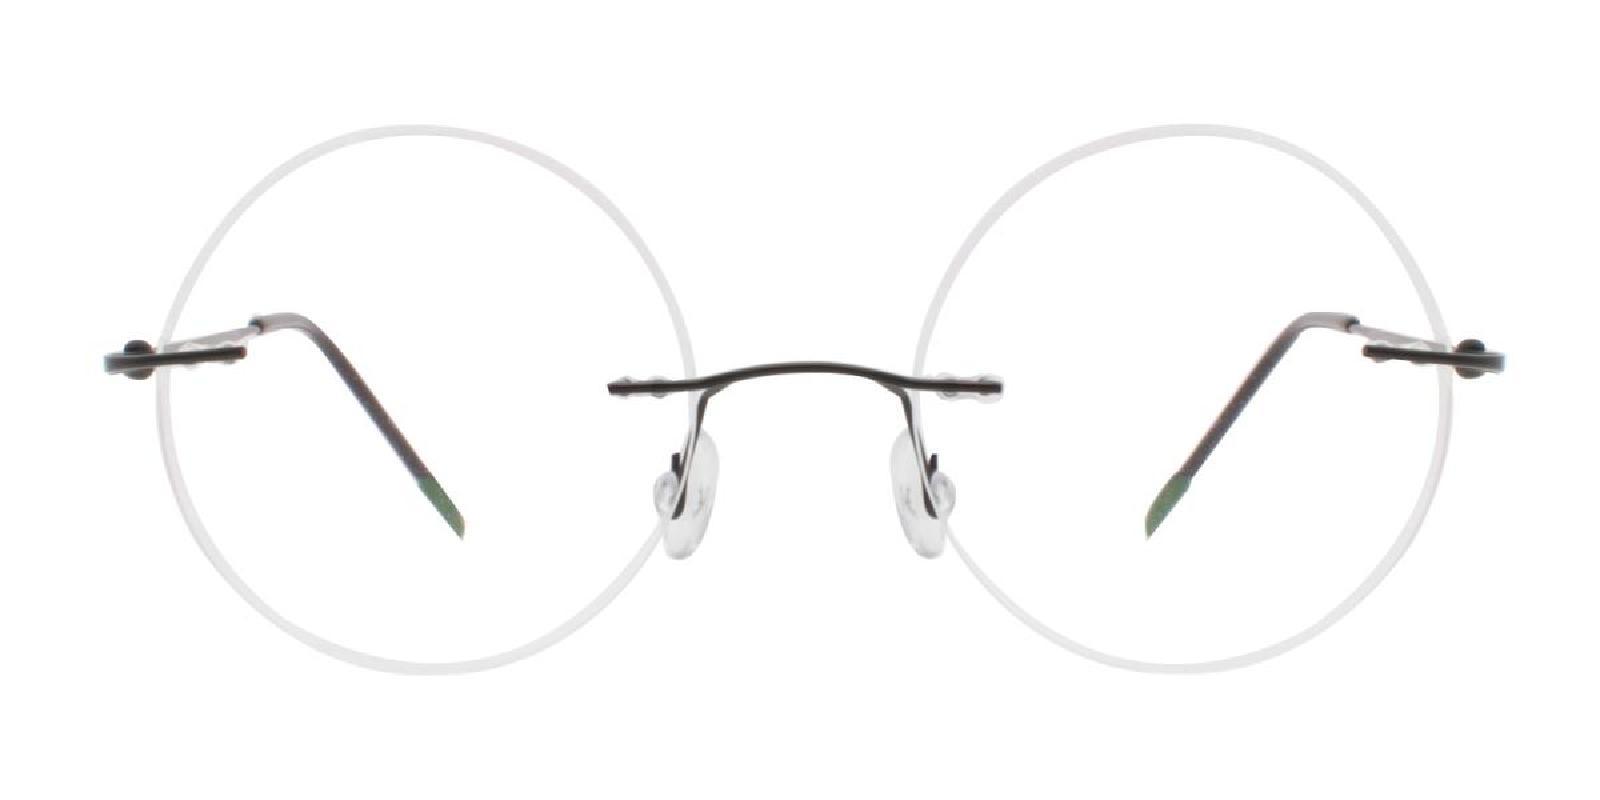 Knewphey-Black-Varieties-Metal-Eyeglasses-additional2